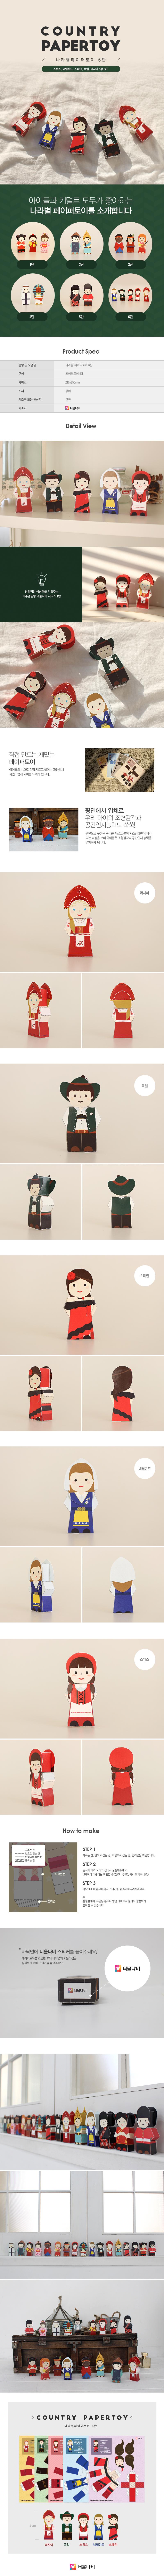 나라별페이퍼토이 6탄 - 너울나비, 12,000원, 페이퍼 토이, 캐릭터